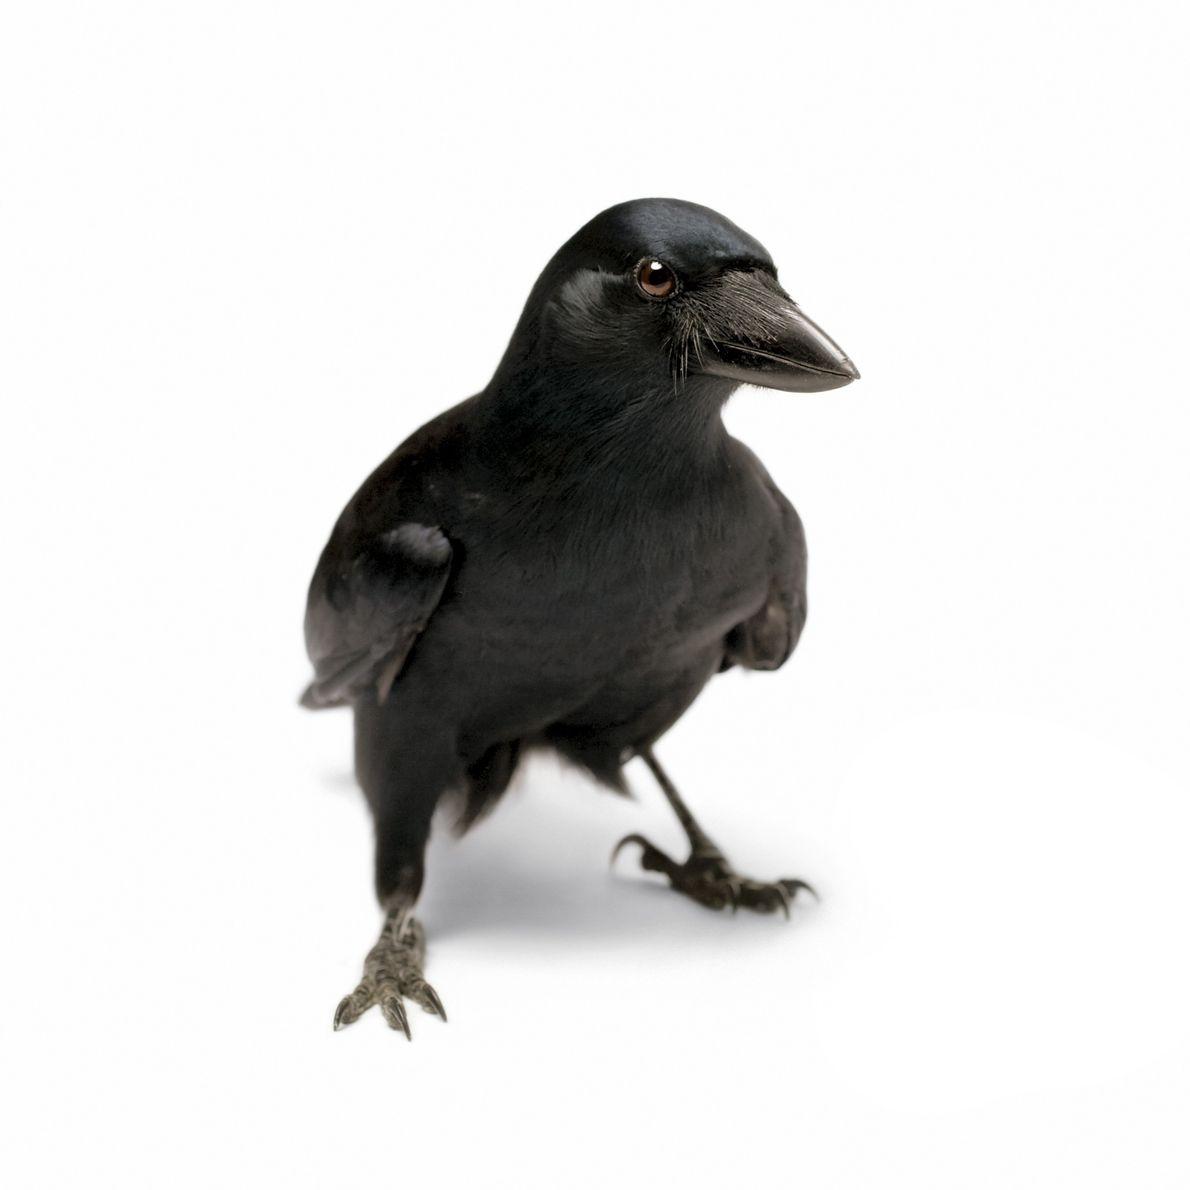 Los cuervos de Nueva Caledonia, que reciben su nombre de una nación isleña en el Pacífico ...